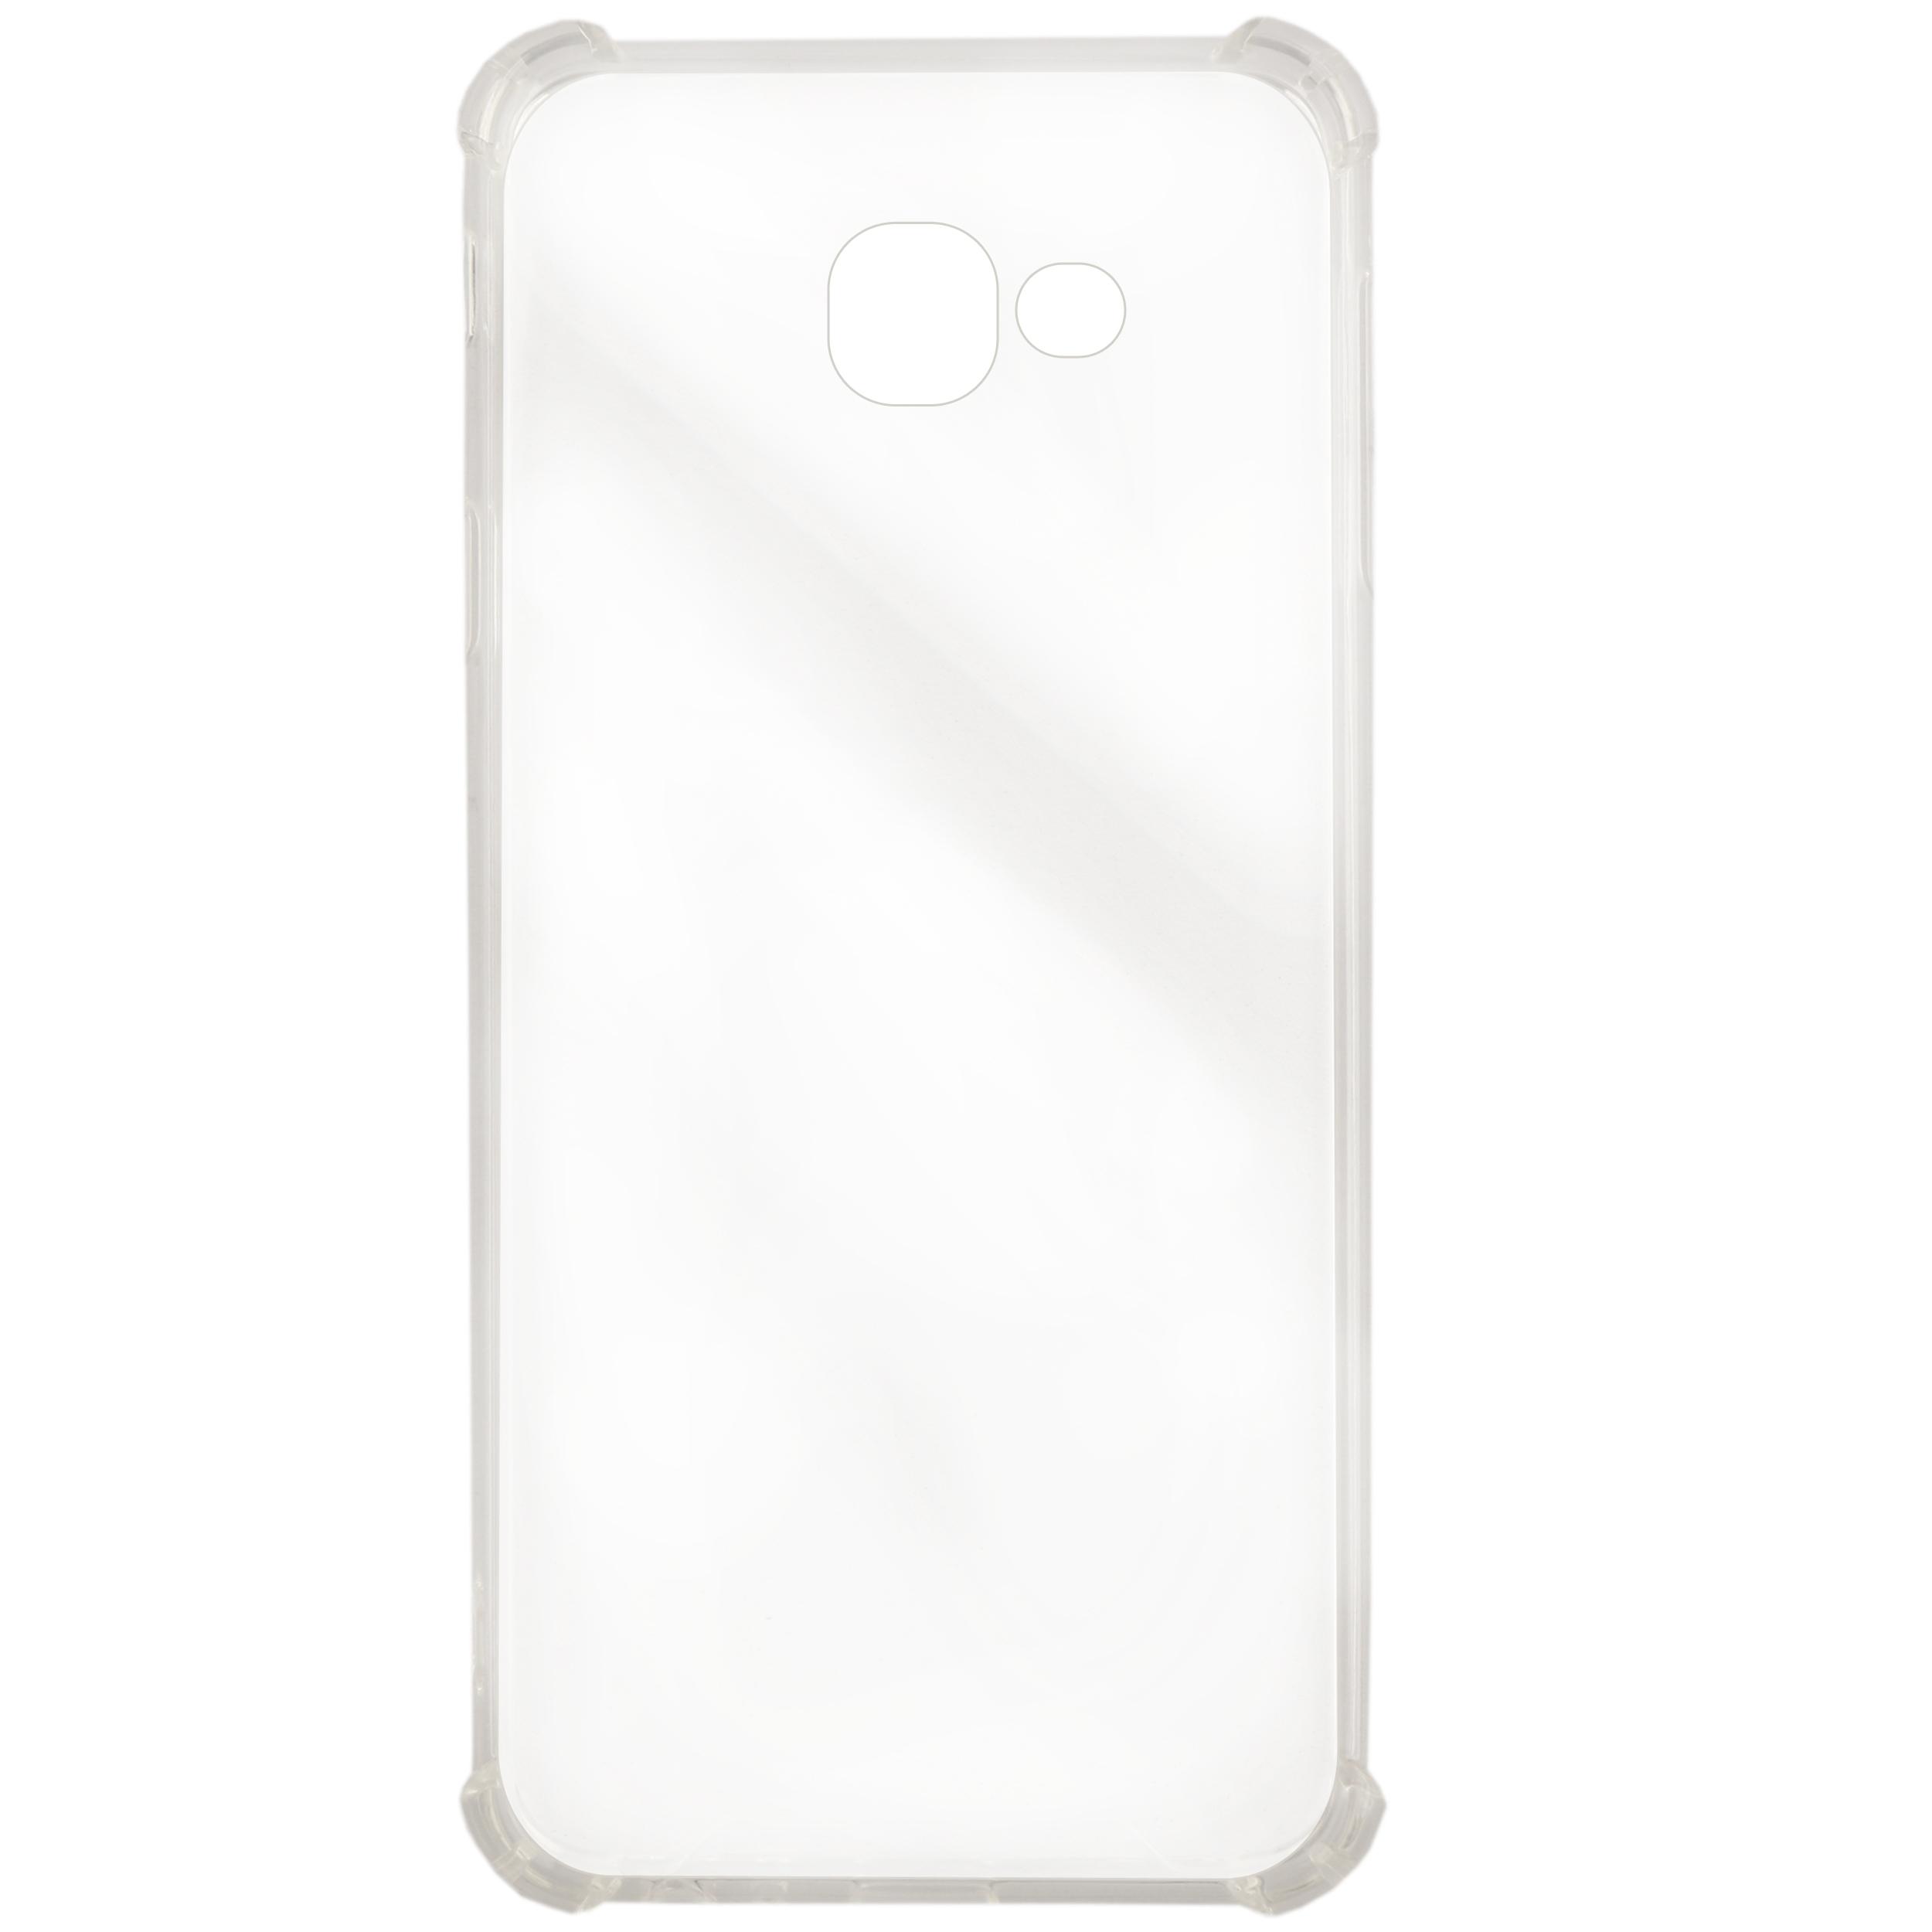 خرید اینترنتی                     کاور مدل 3K مناسب برای گوشی موبایل سامسونگ GALAXY J4 PLUS/J4 CORE             با قیمت مناسب